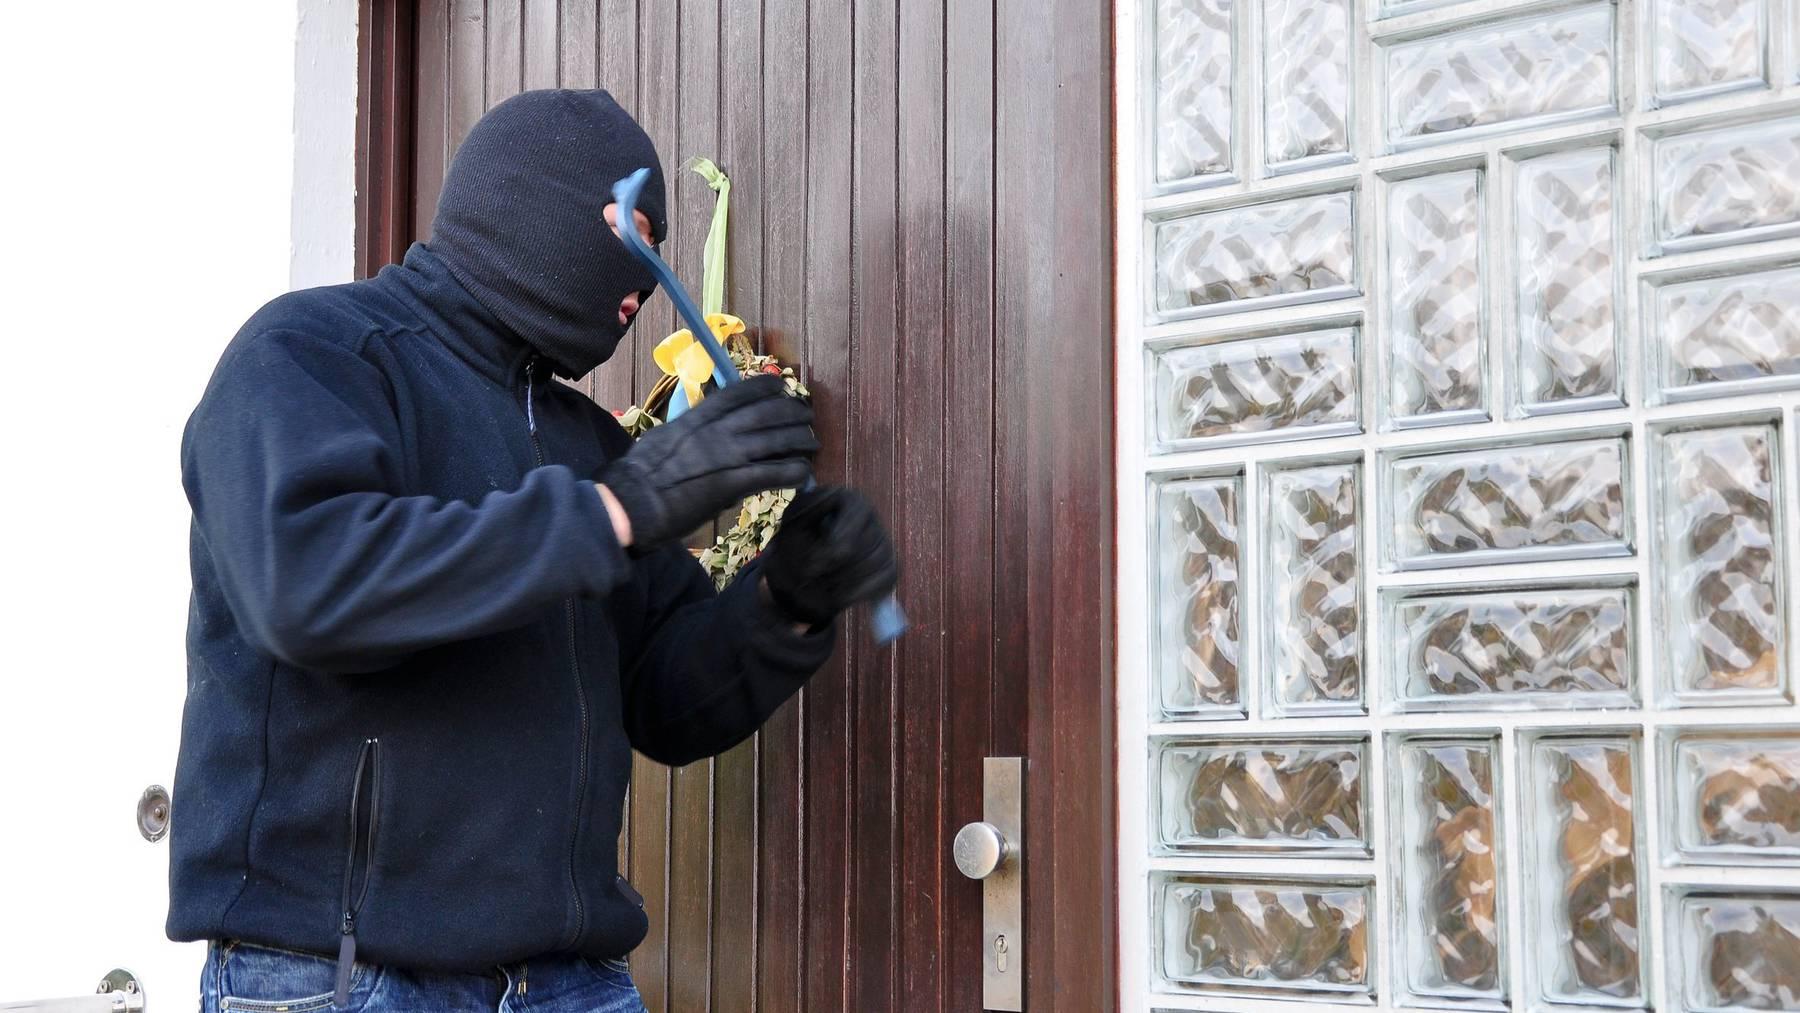 Den Tätern gelang es bei den Einbrüchen, Wertgegenstände in der Höhe verschiedener Geldbeträge zu stehlen.